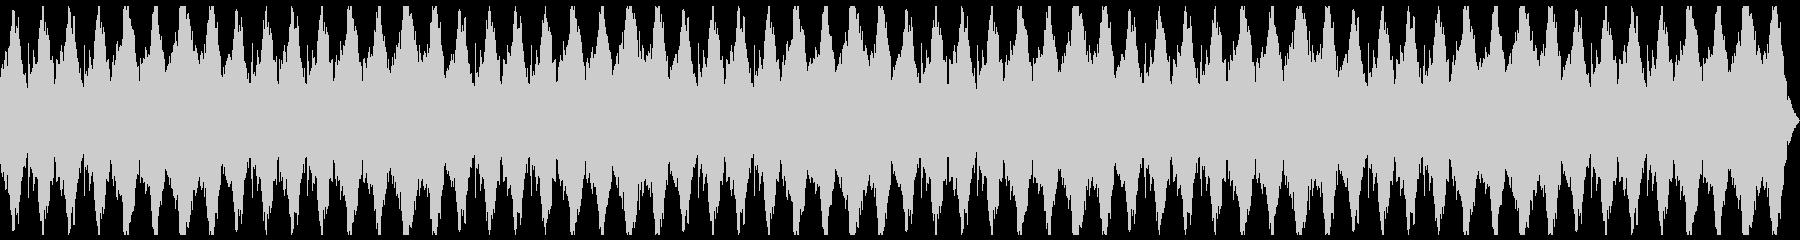 不気味ホラー 不協和音シンセバイオリンの未再生の波形